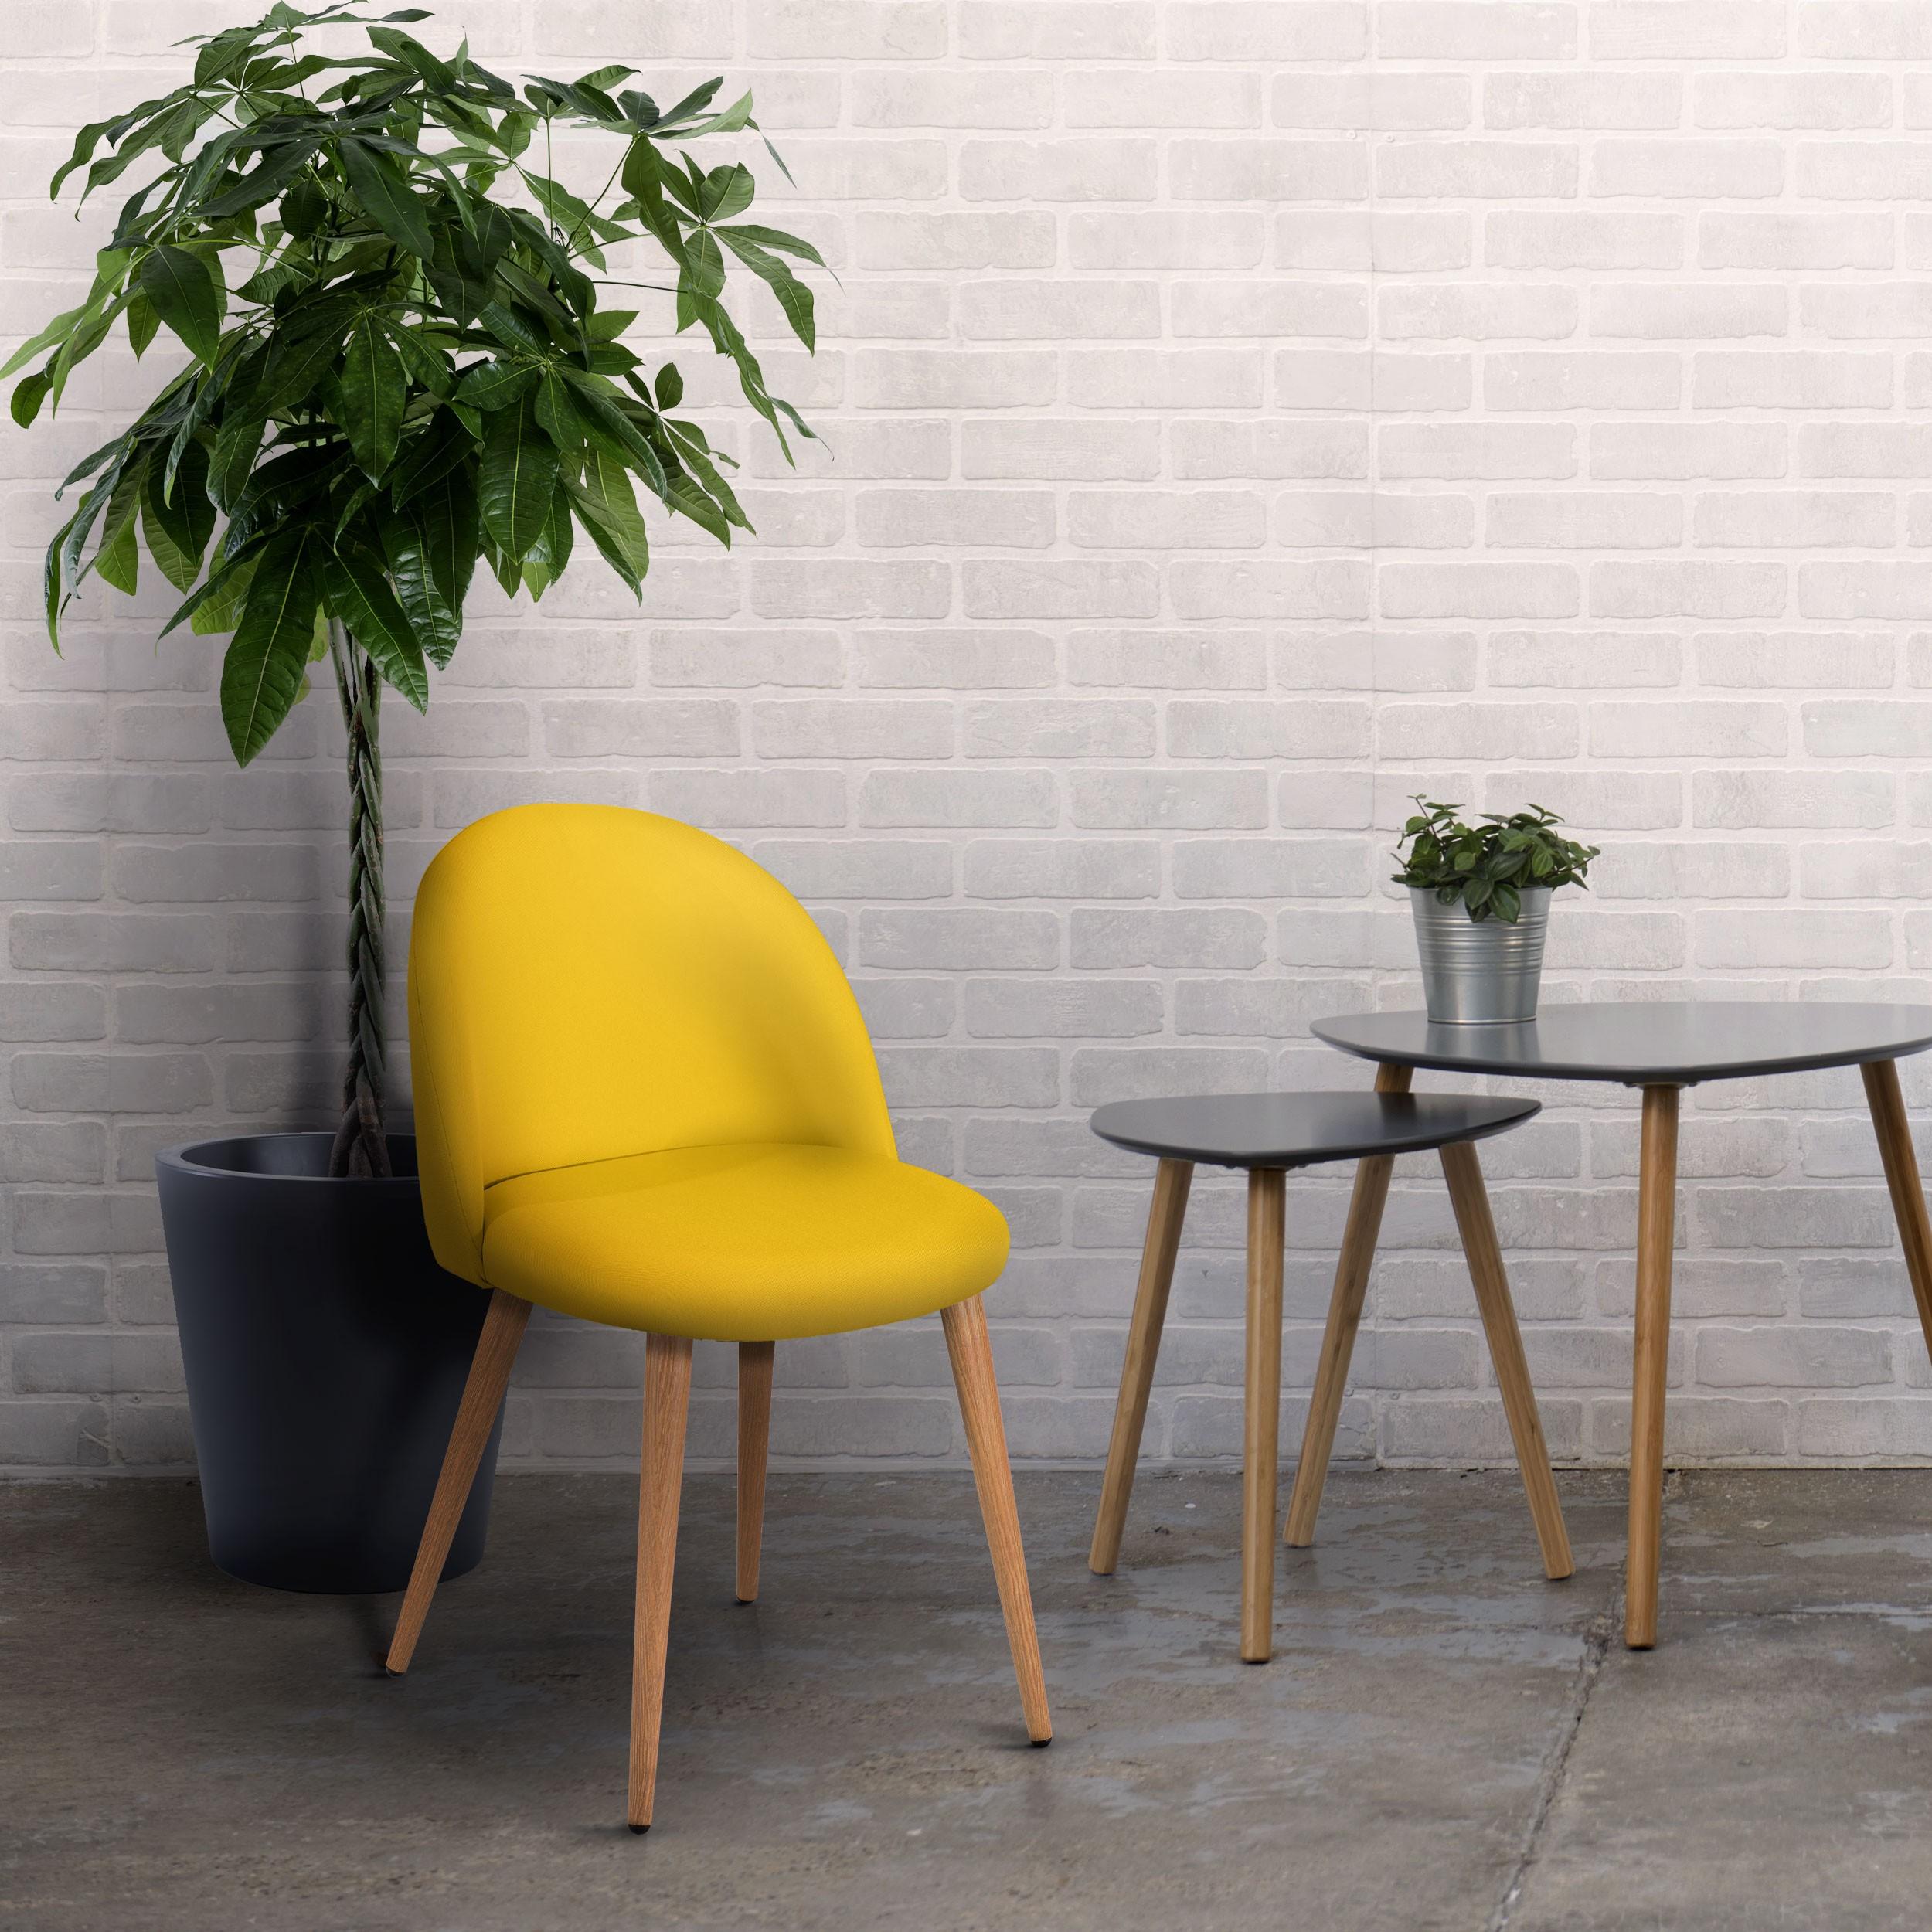 chaise cozy jaune lot de 2 achetez nos chaises cozy jaunes lot de 2 rdv d co. Black Bedroom Furniture Sets. Home Design Ideas